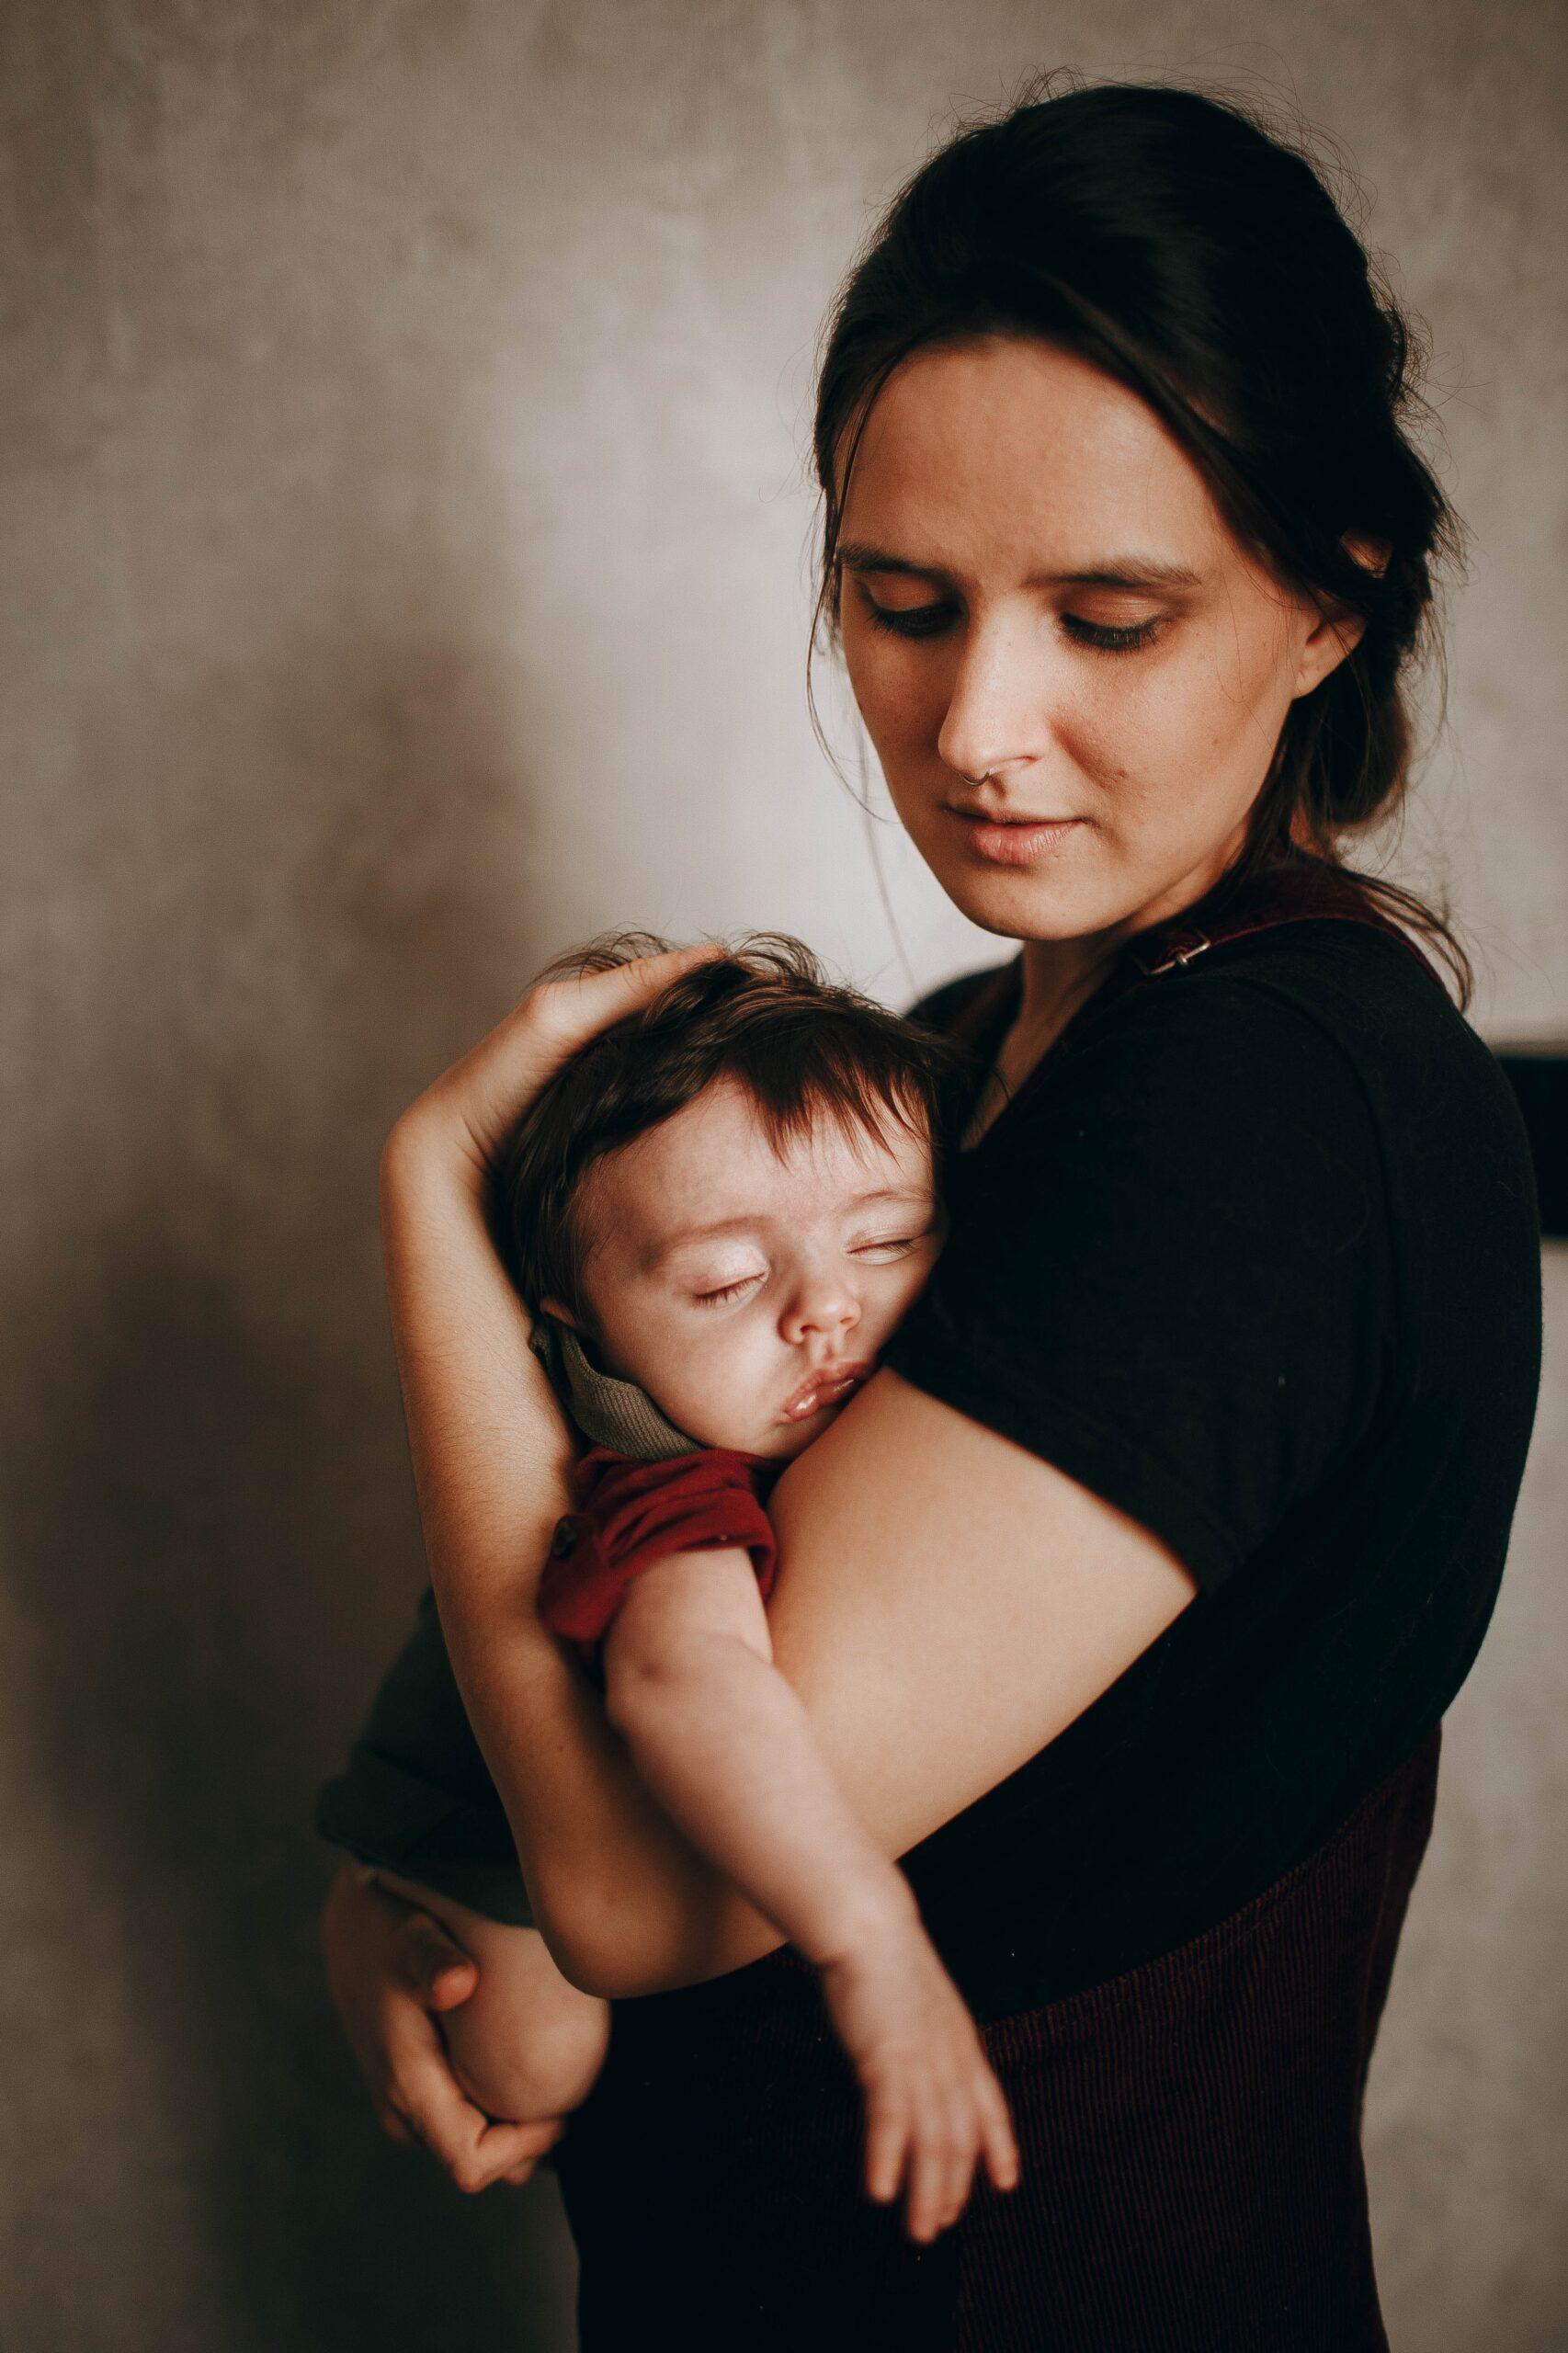 Maternidade: Inclusão Social promove live com temas de maternidade